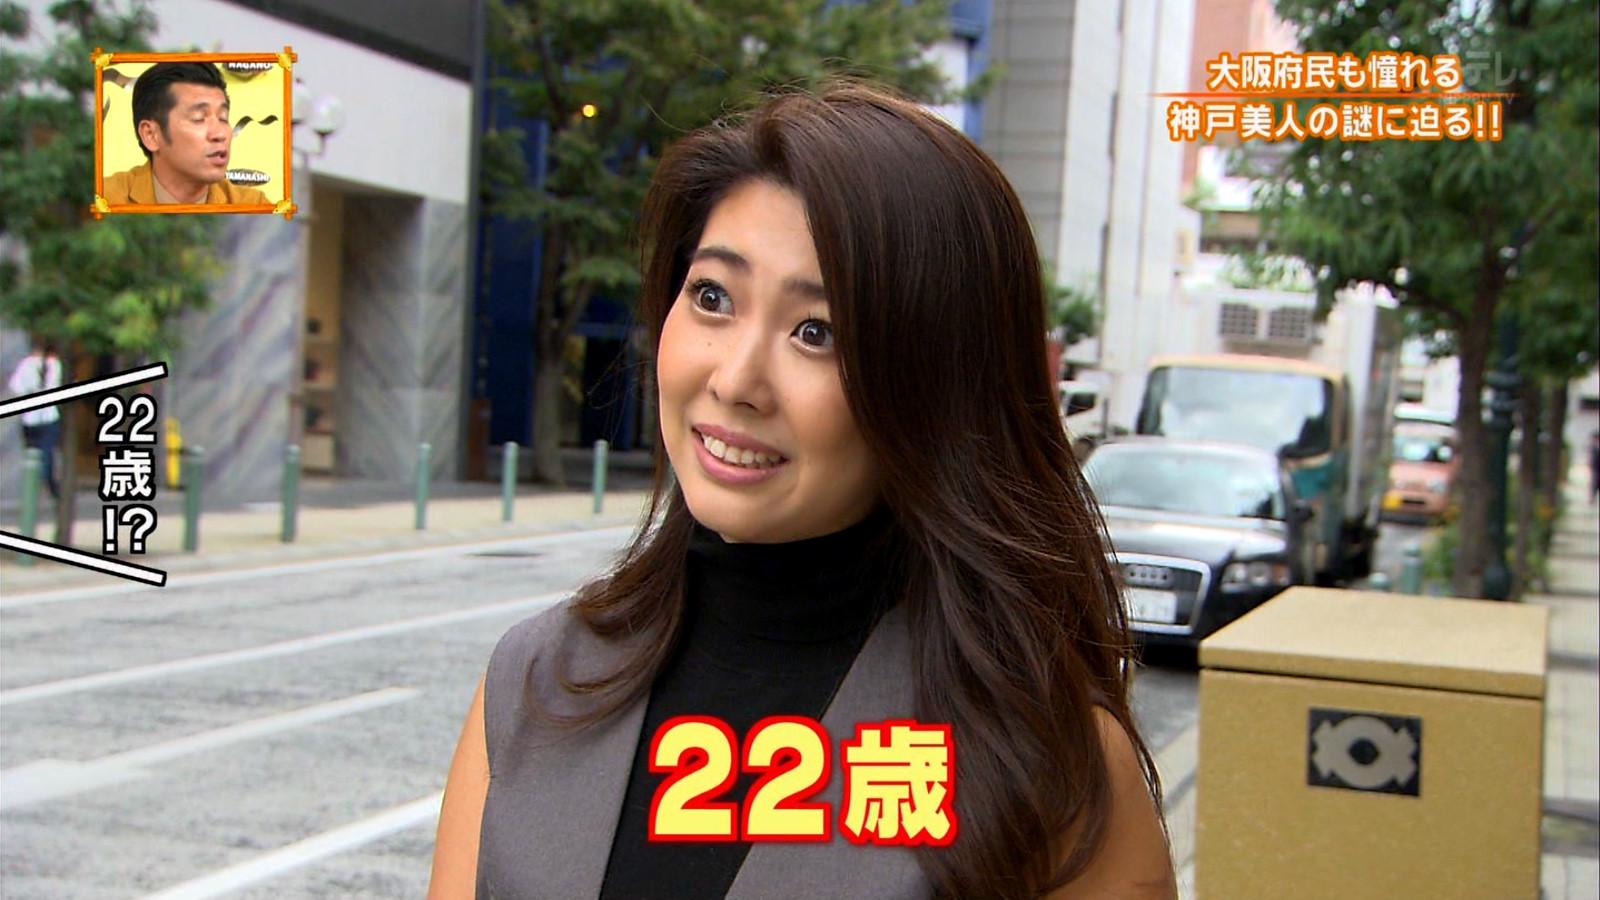 テレビに映った素人の可愛い女の子の画像が集まるスレ。 rdpp1hU